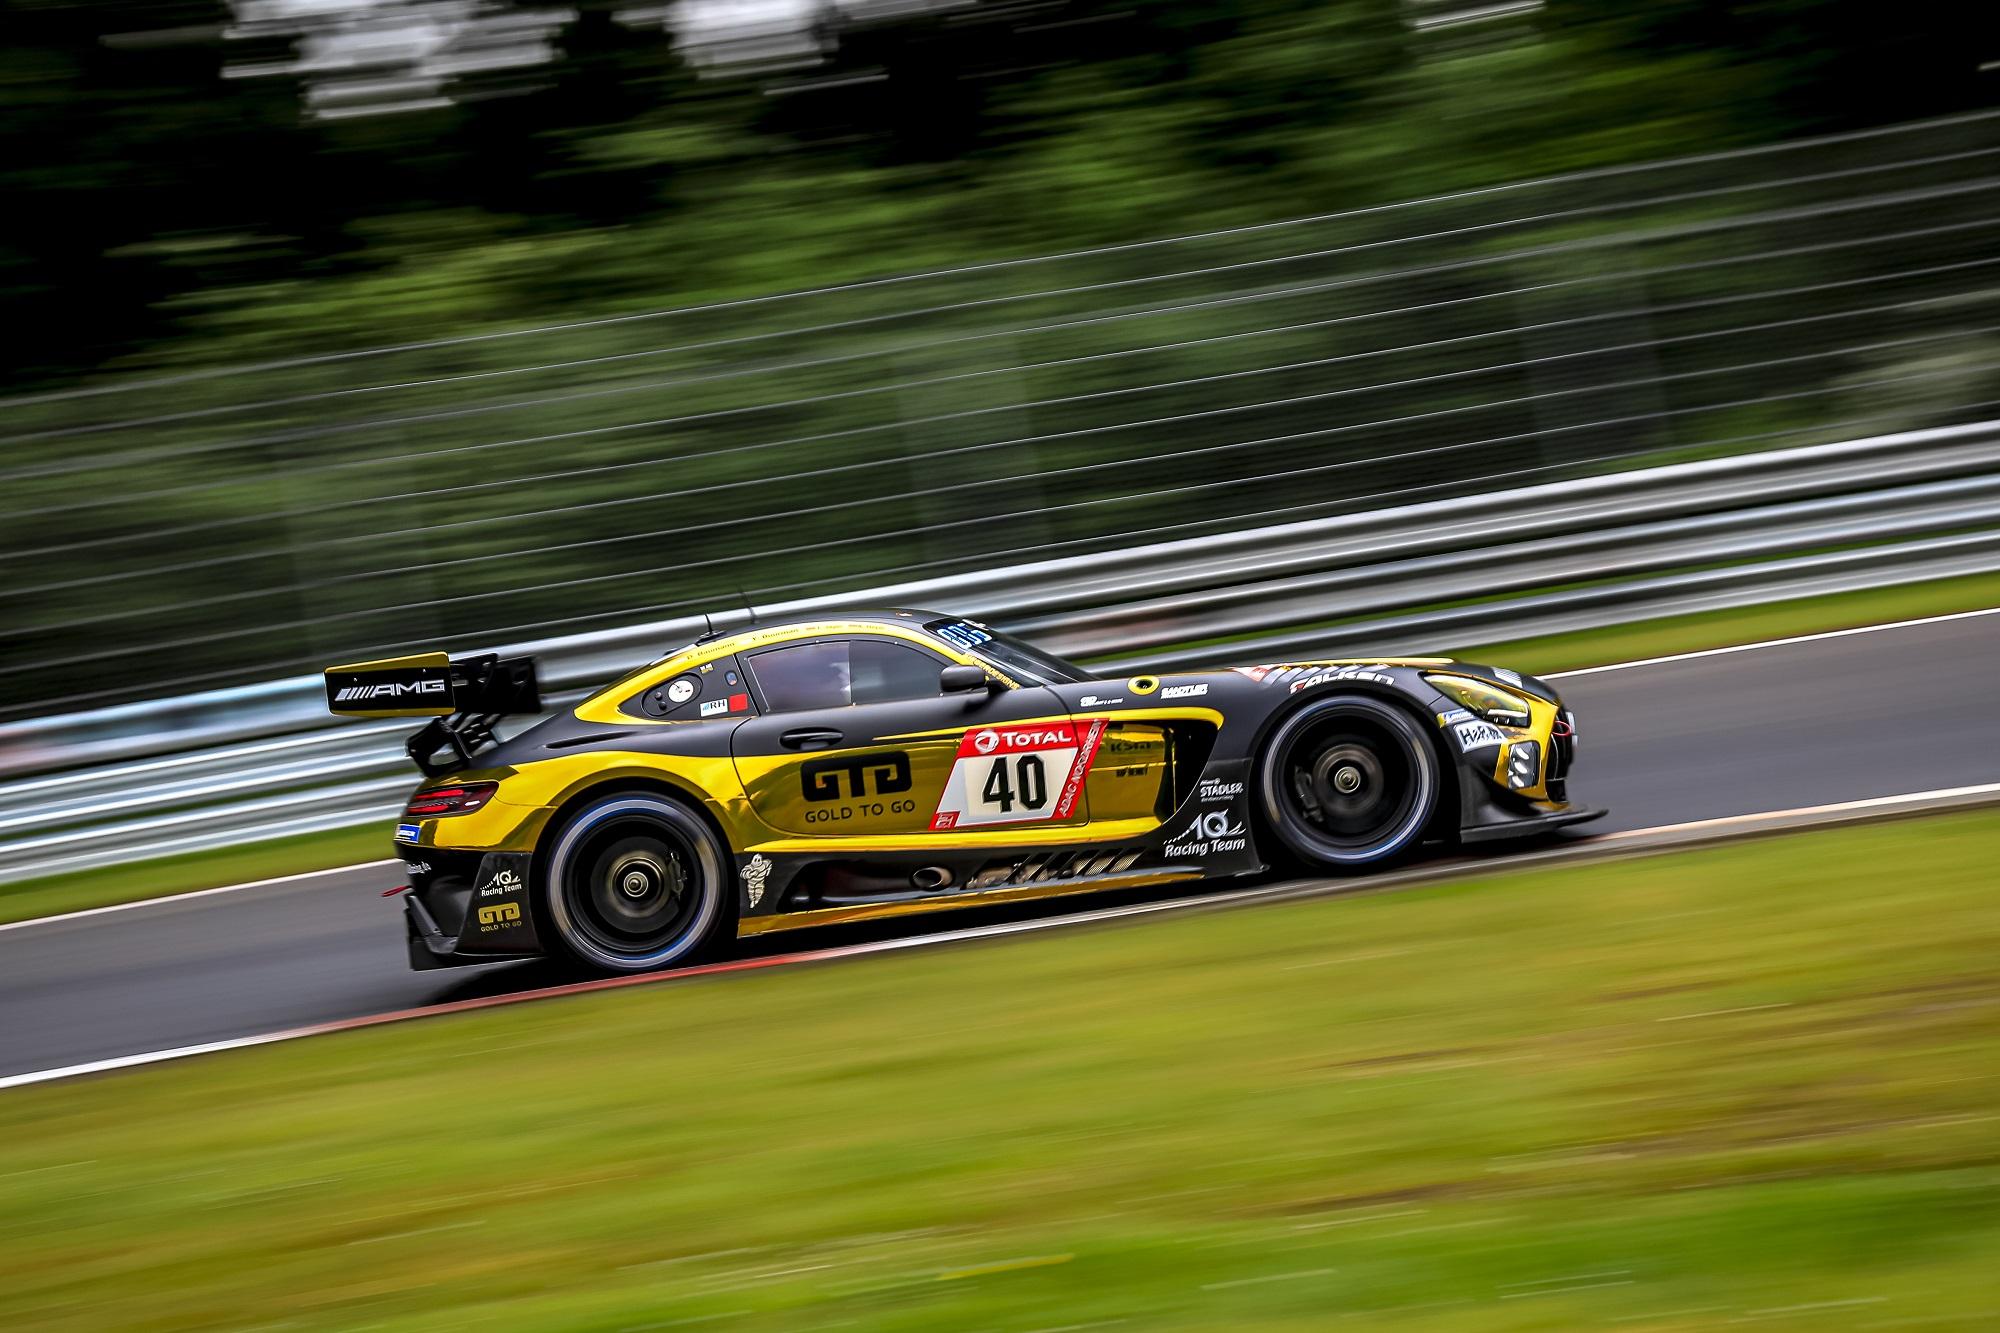 Dominik Baumann Yelmer Buurman Kenneth Heyer Thomas Jäger 10Q Racing Team Mercedes-AMG GT4 24h Nürburgring